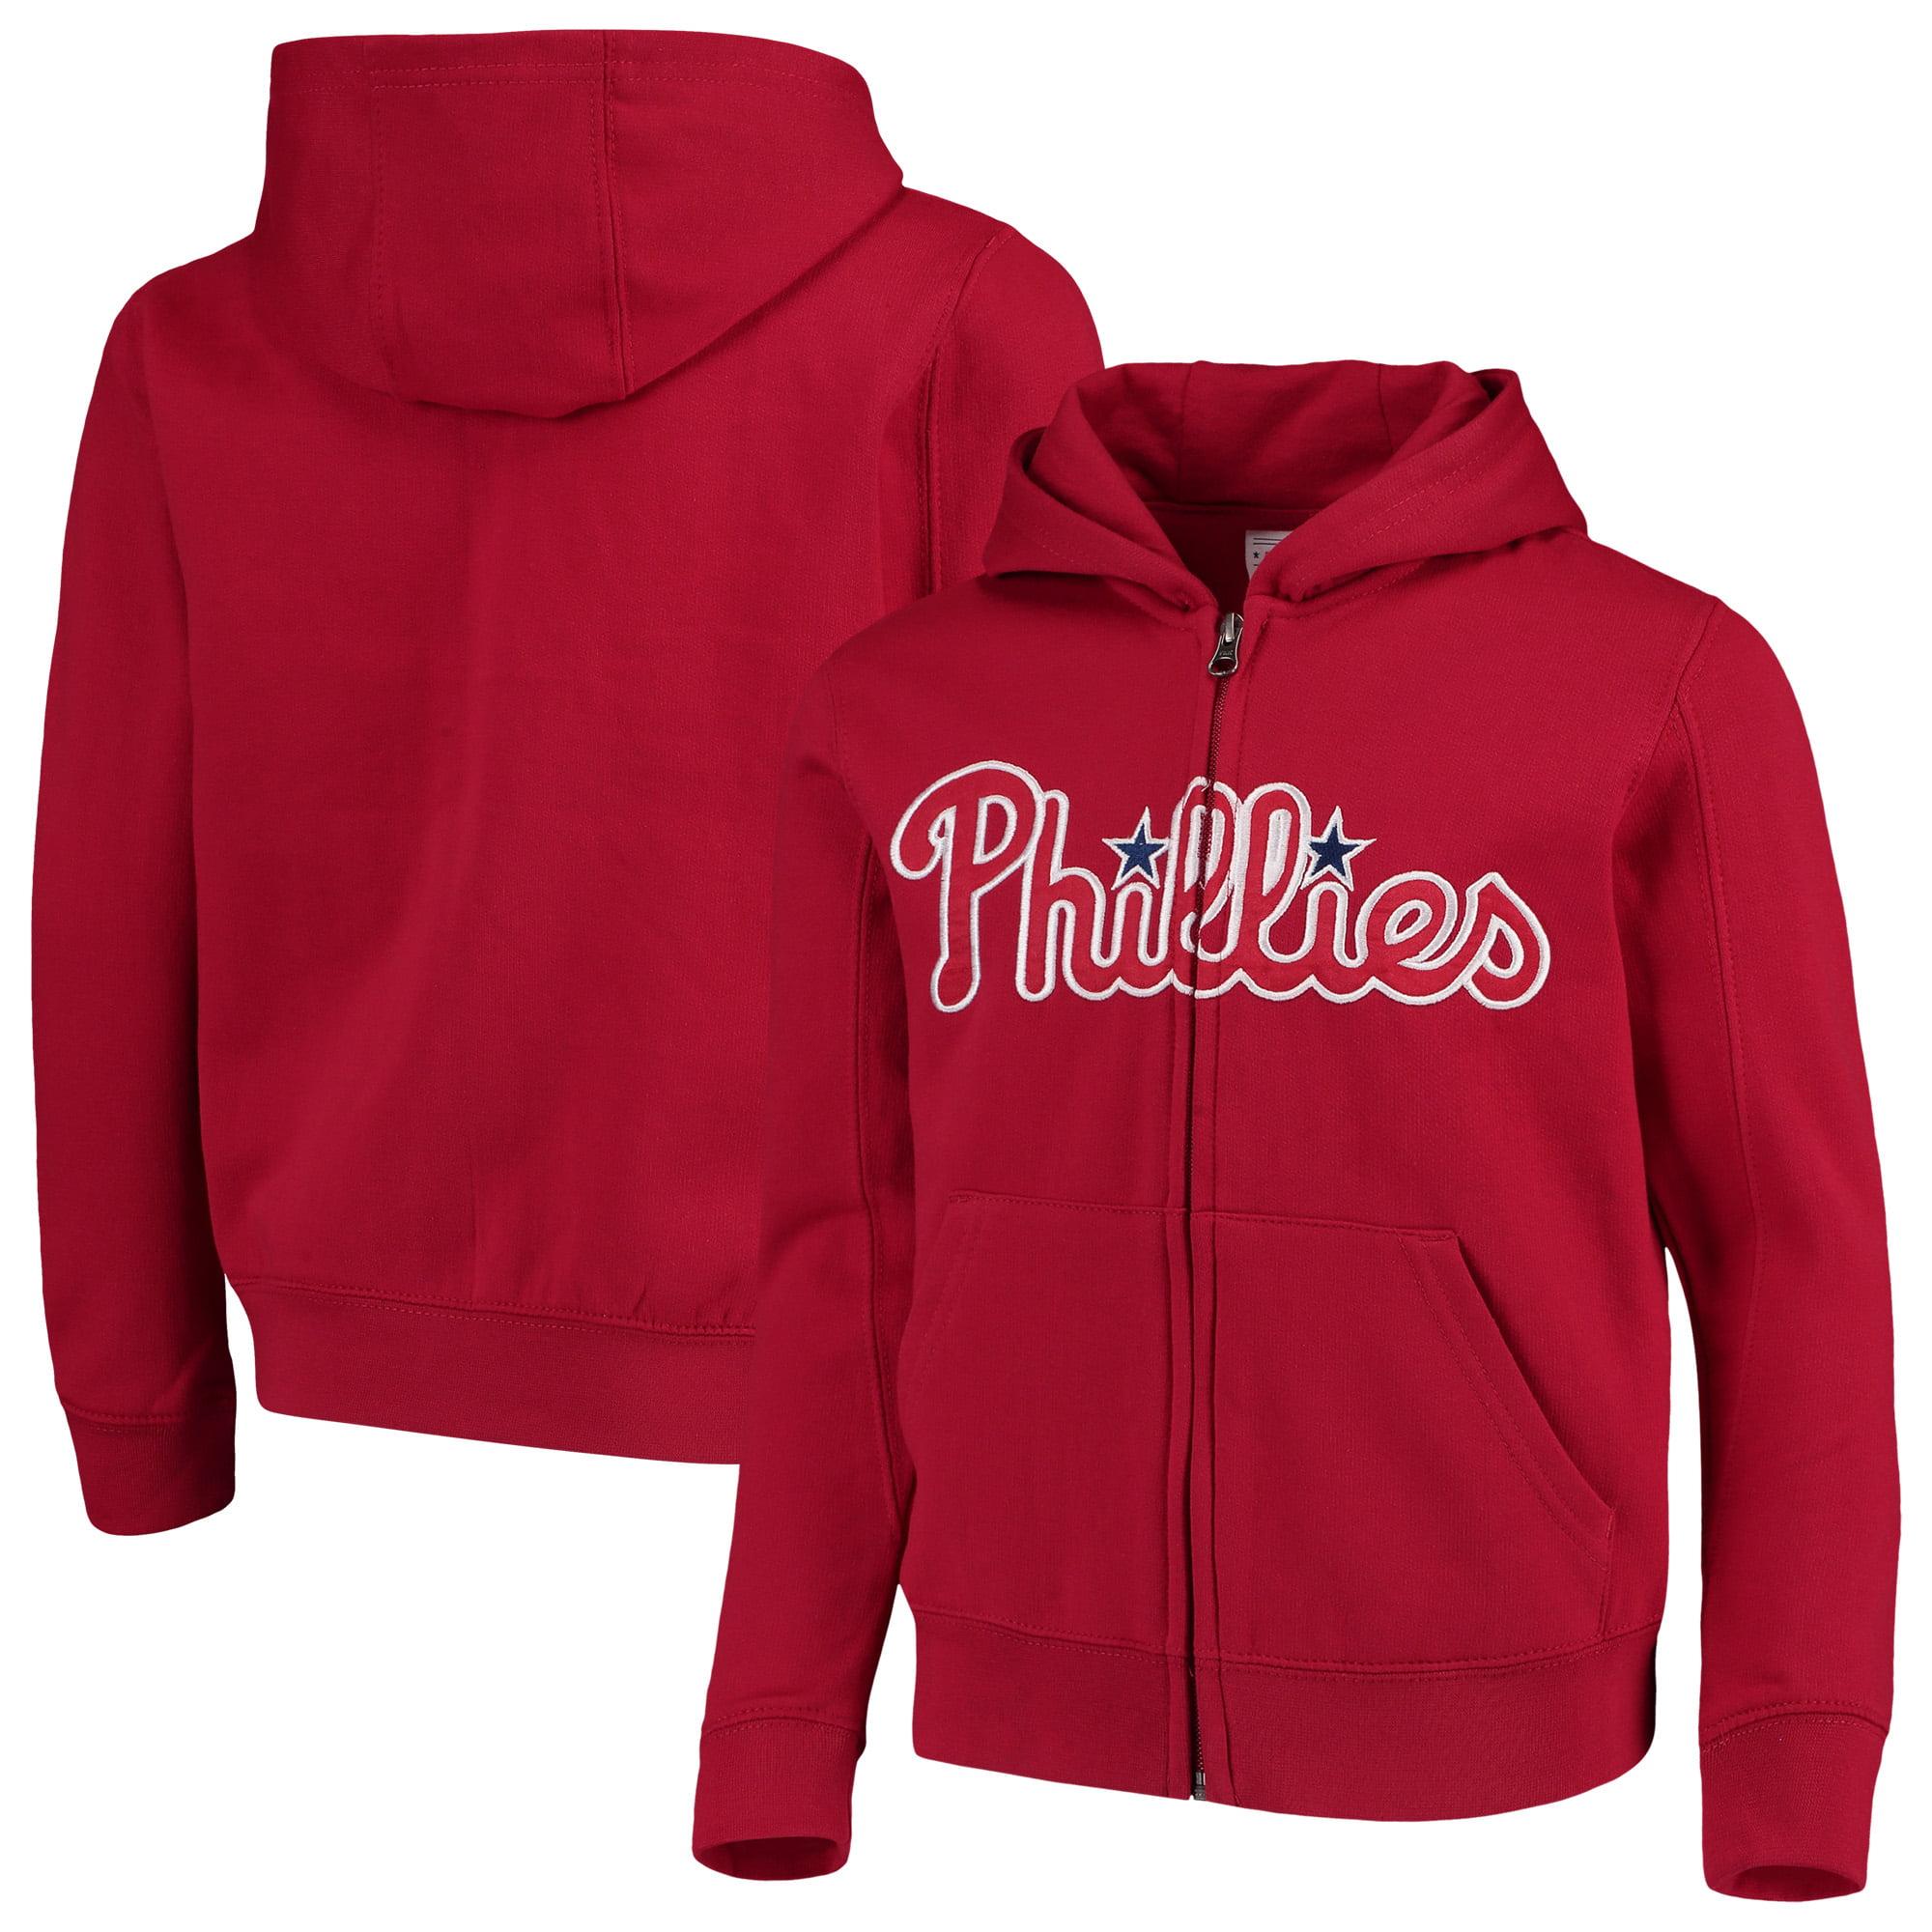 Philadelphia Phillies Youth Team Color Wordmark Full-Zip Hoodie - Red